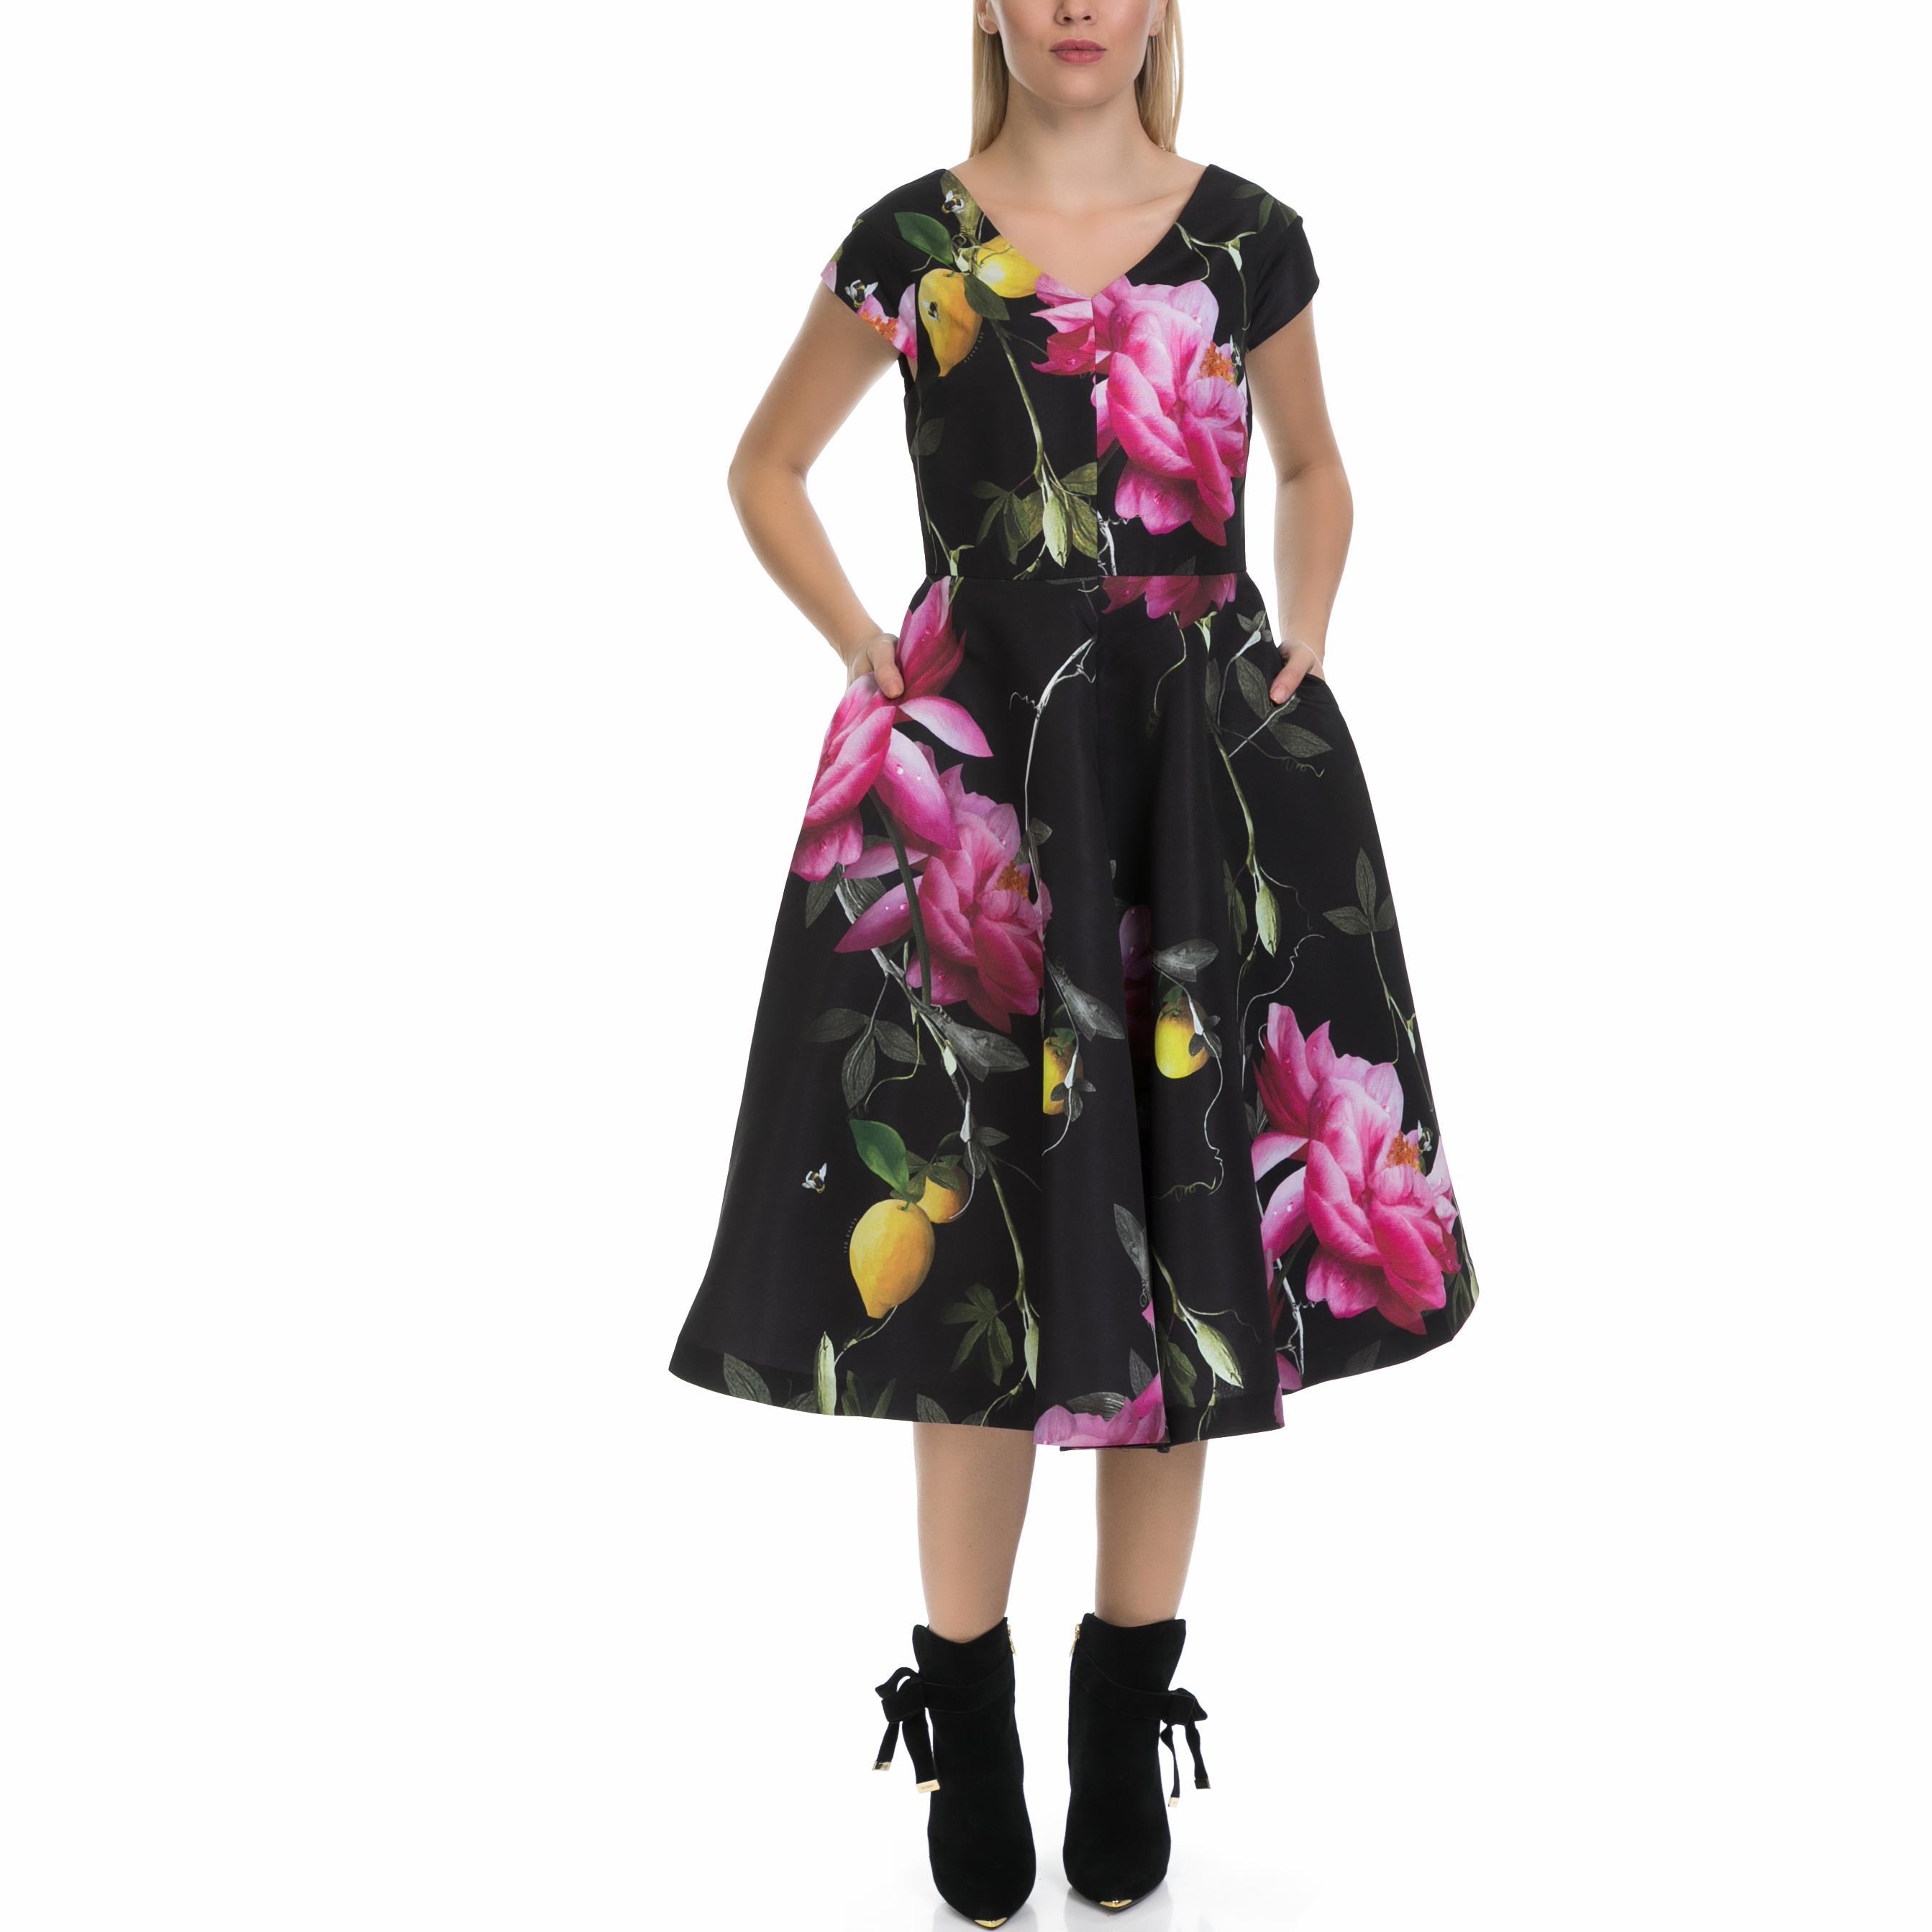 TED BAKER - Γυναικείο φόρεμα NIMAH TED BAKER μαύρο-εμπριμέ γυναικεία ρούχα φορέματα μάξι